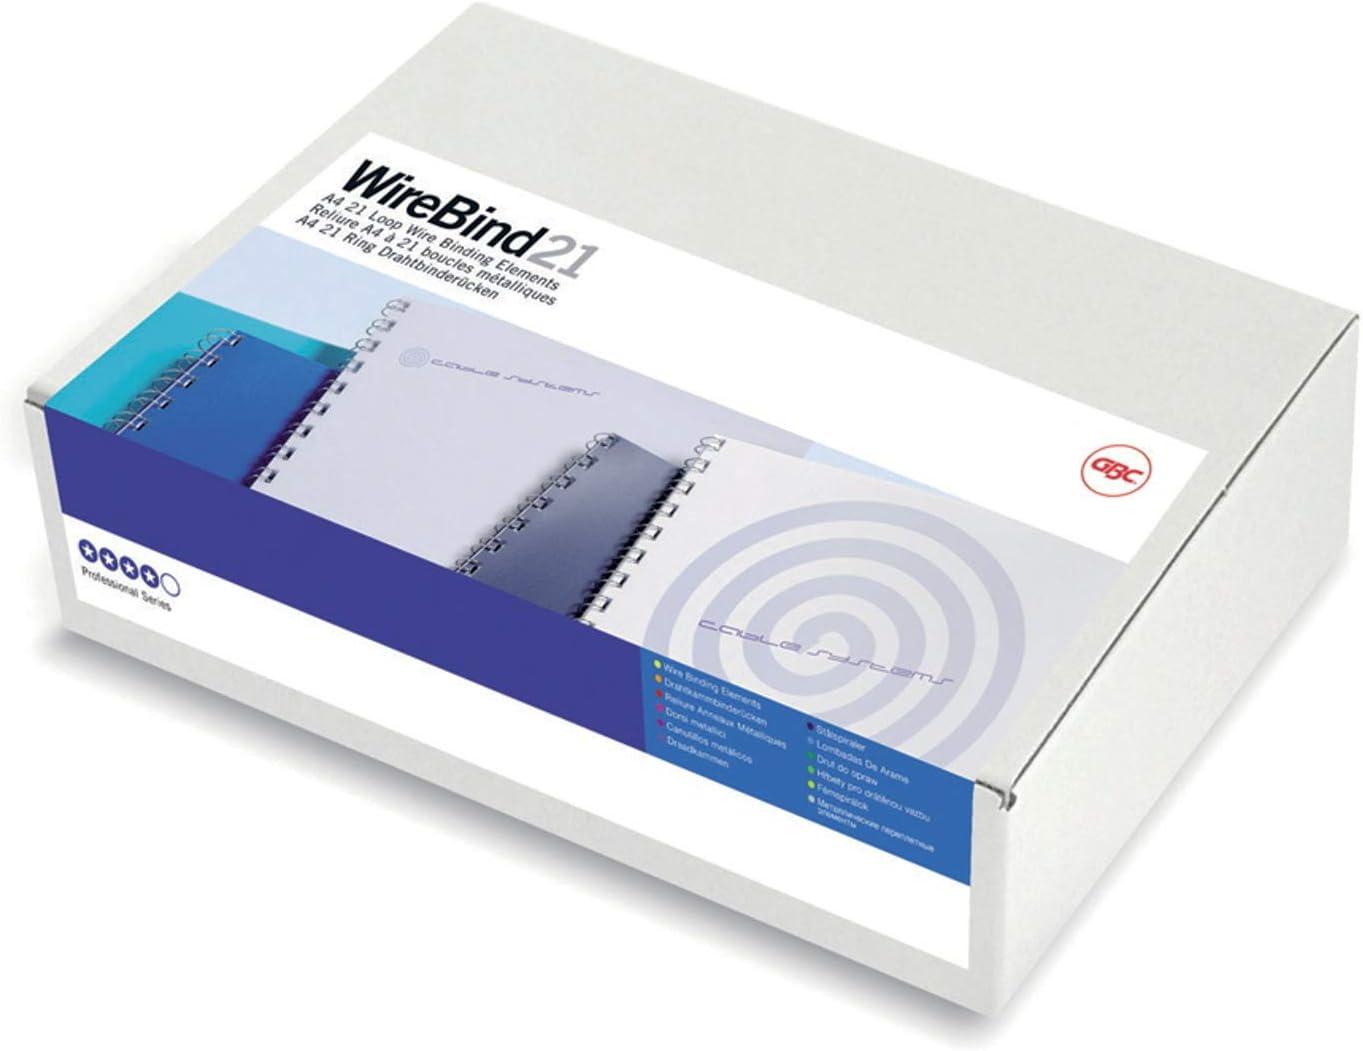 Q-Connect 39993 Couverture Grain Cuir 250 g Format A4 paquet de 100